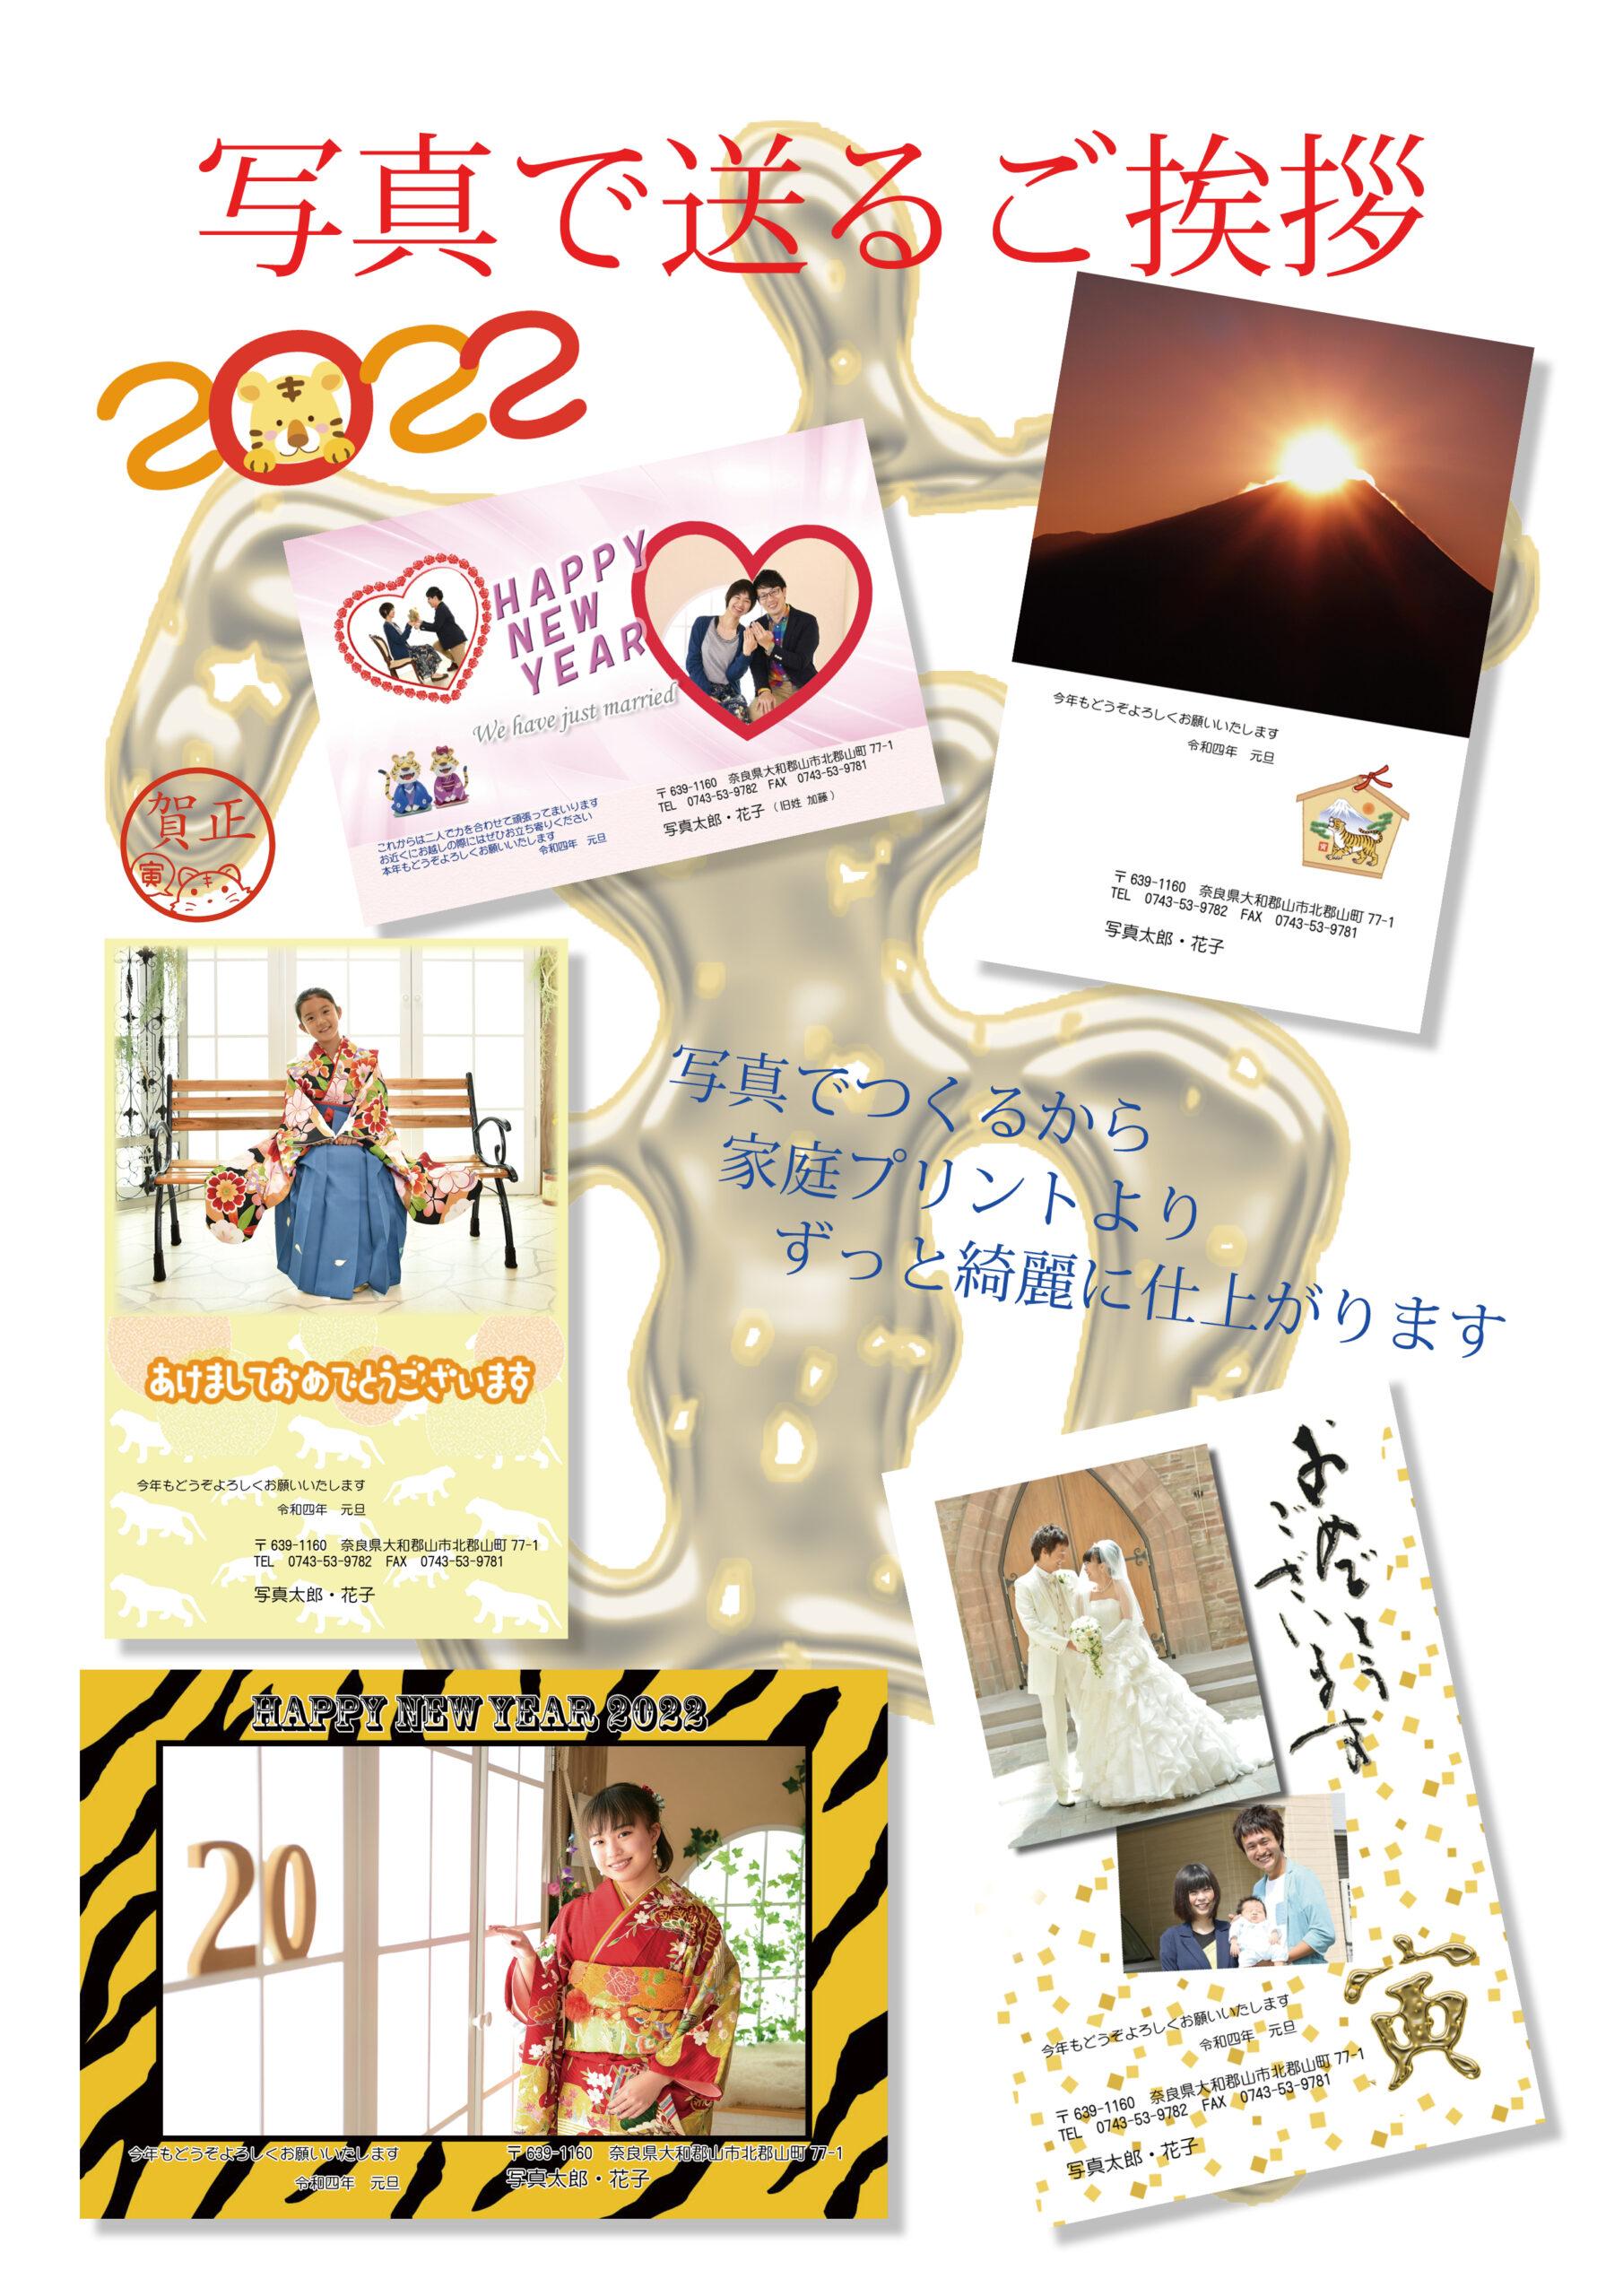 〇2022 年賀状のパンフレットはコチラ〇